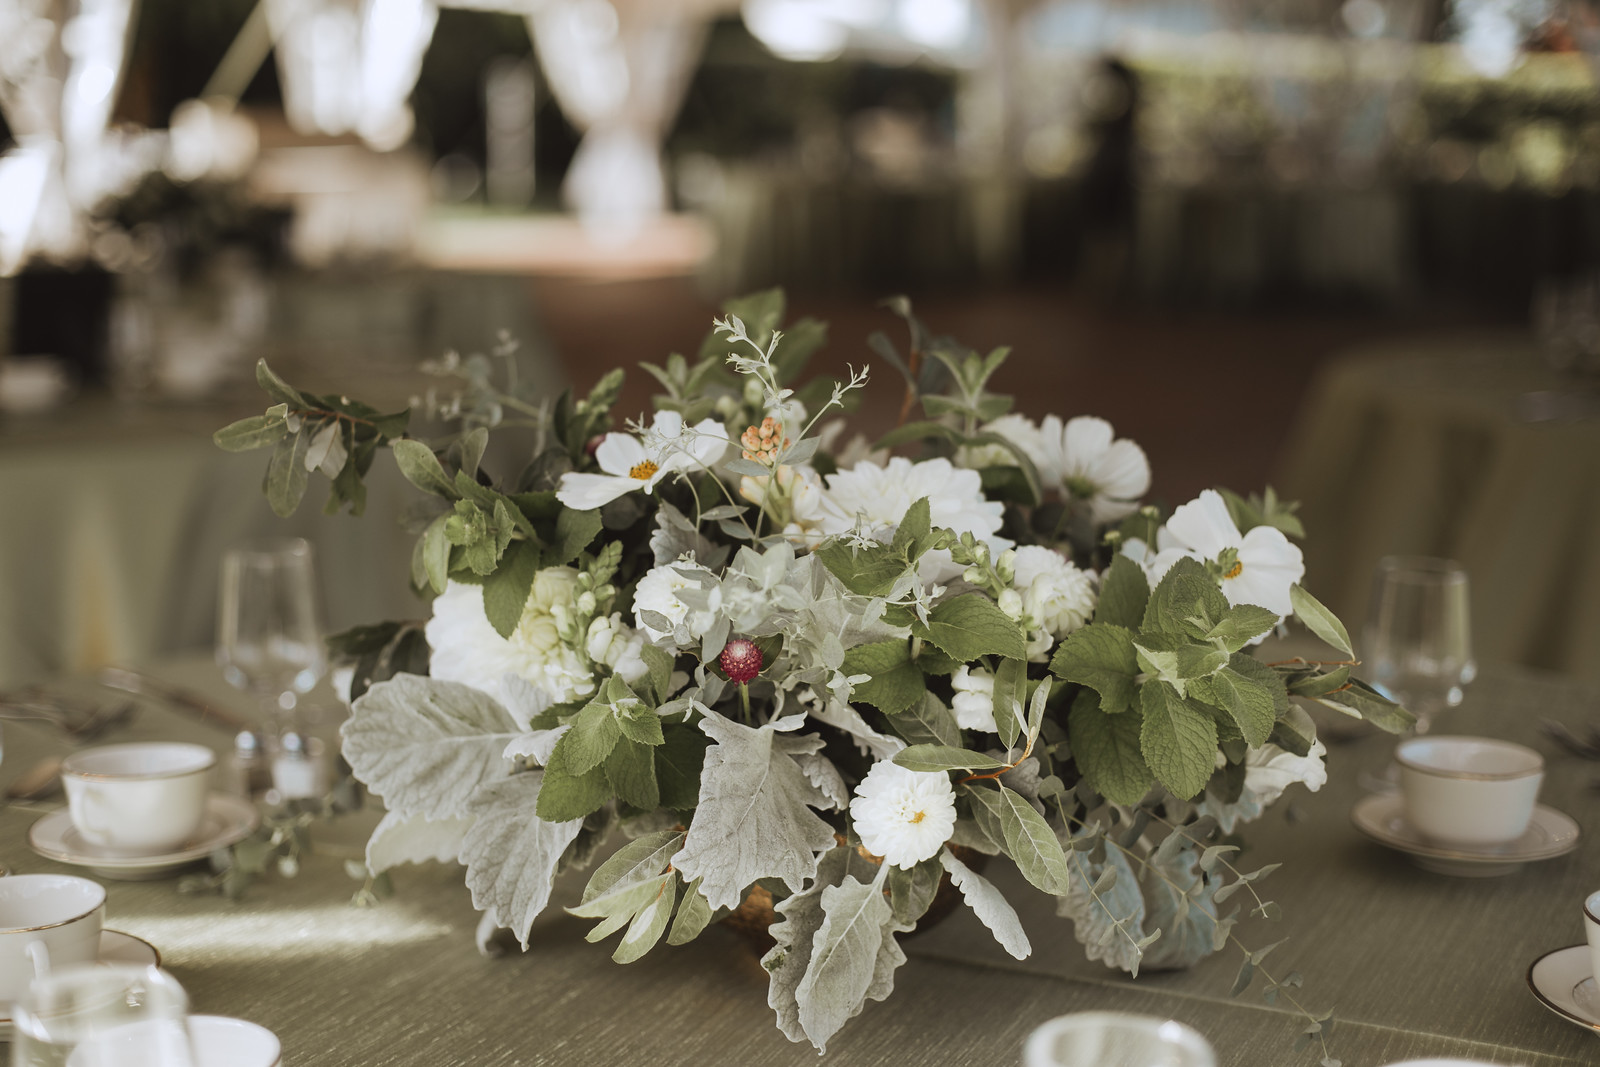 marylandflower4.jpg